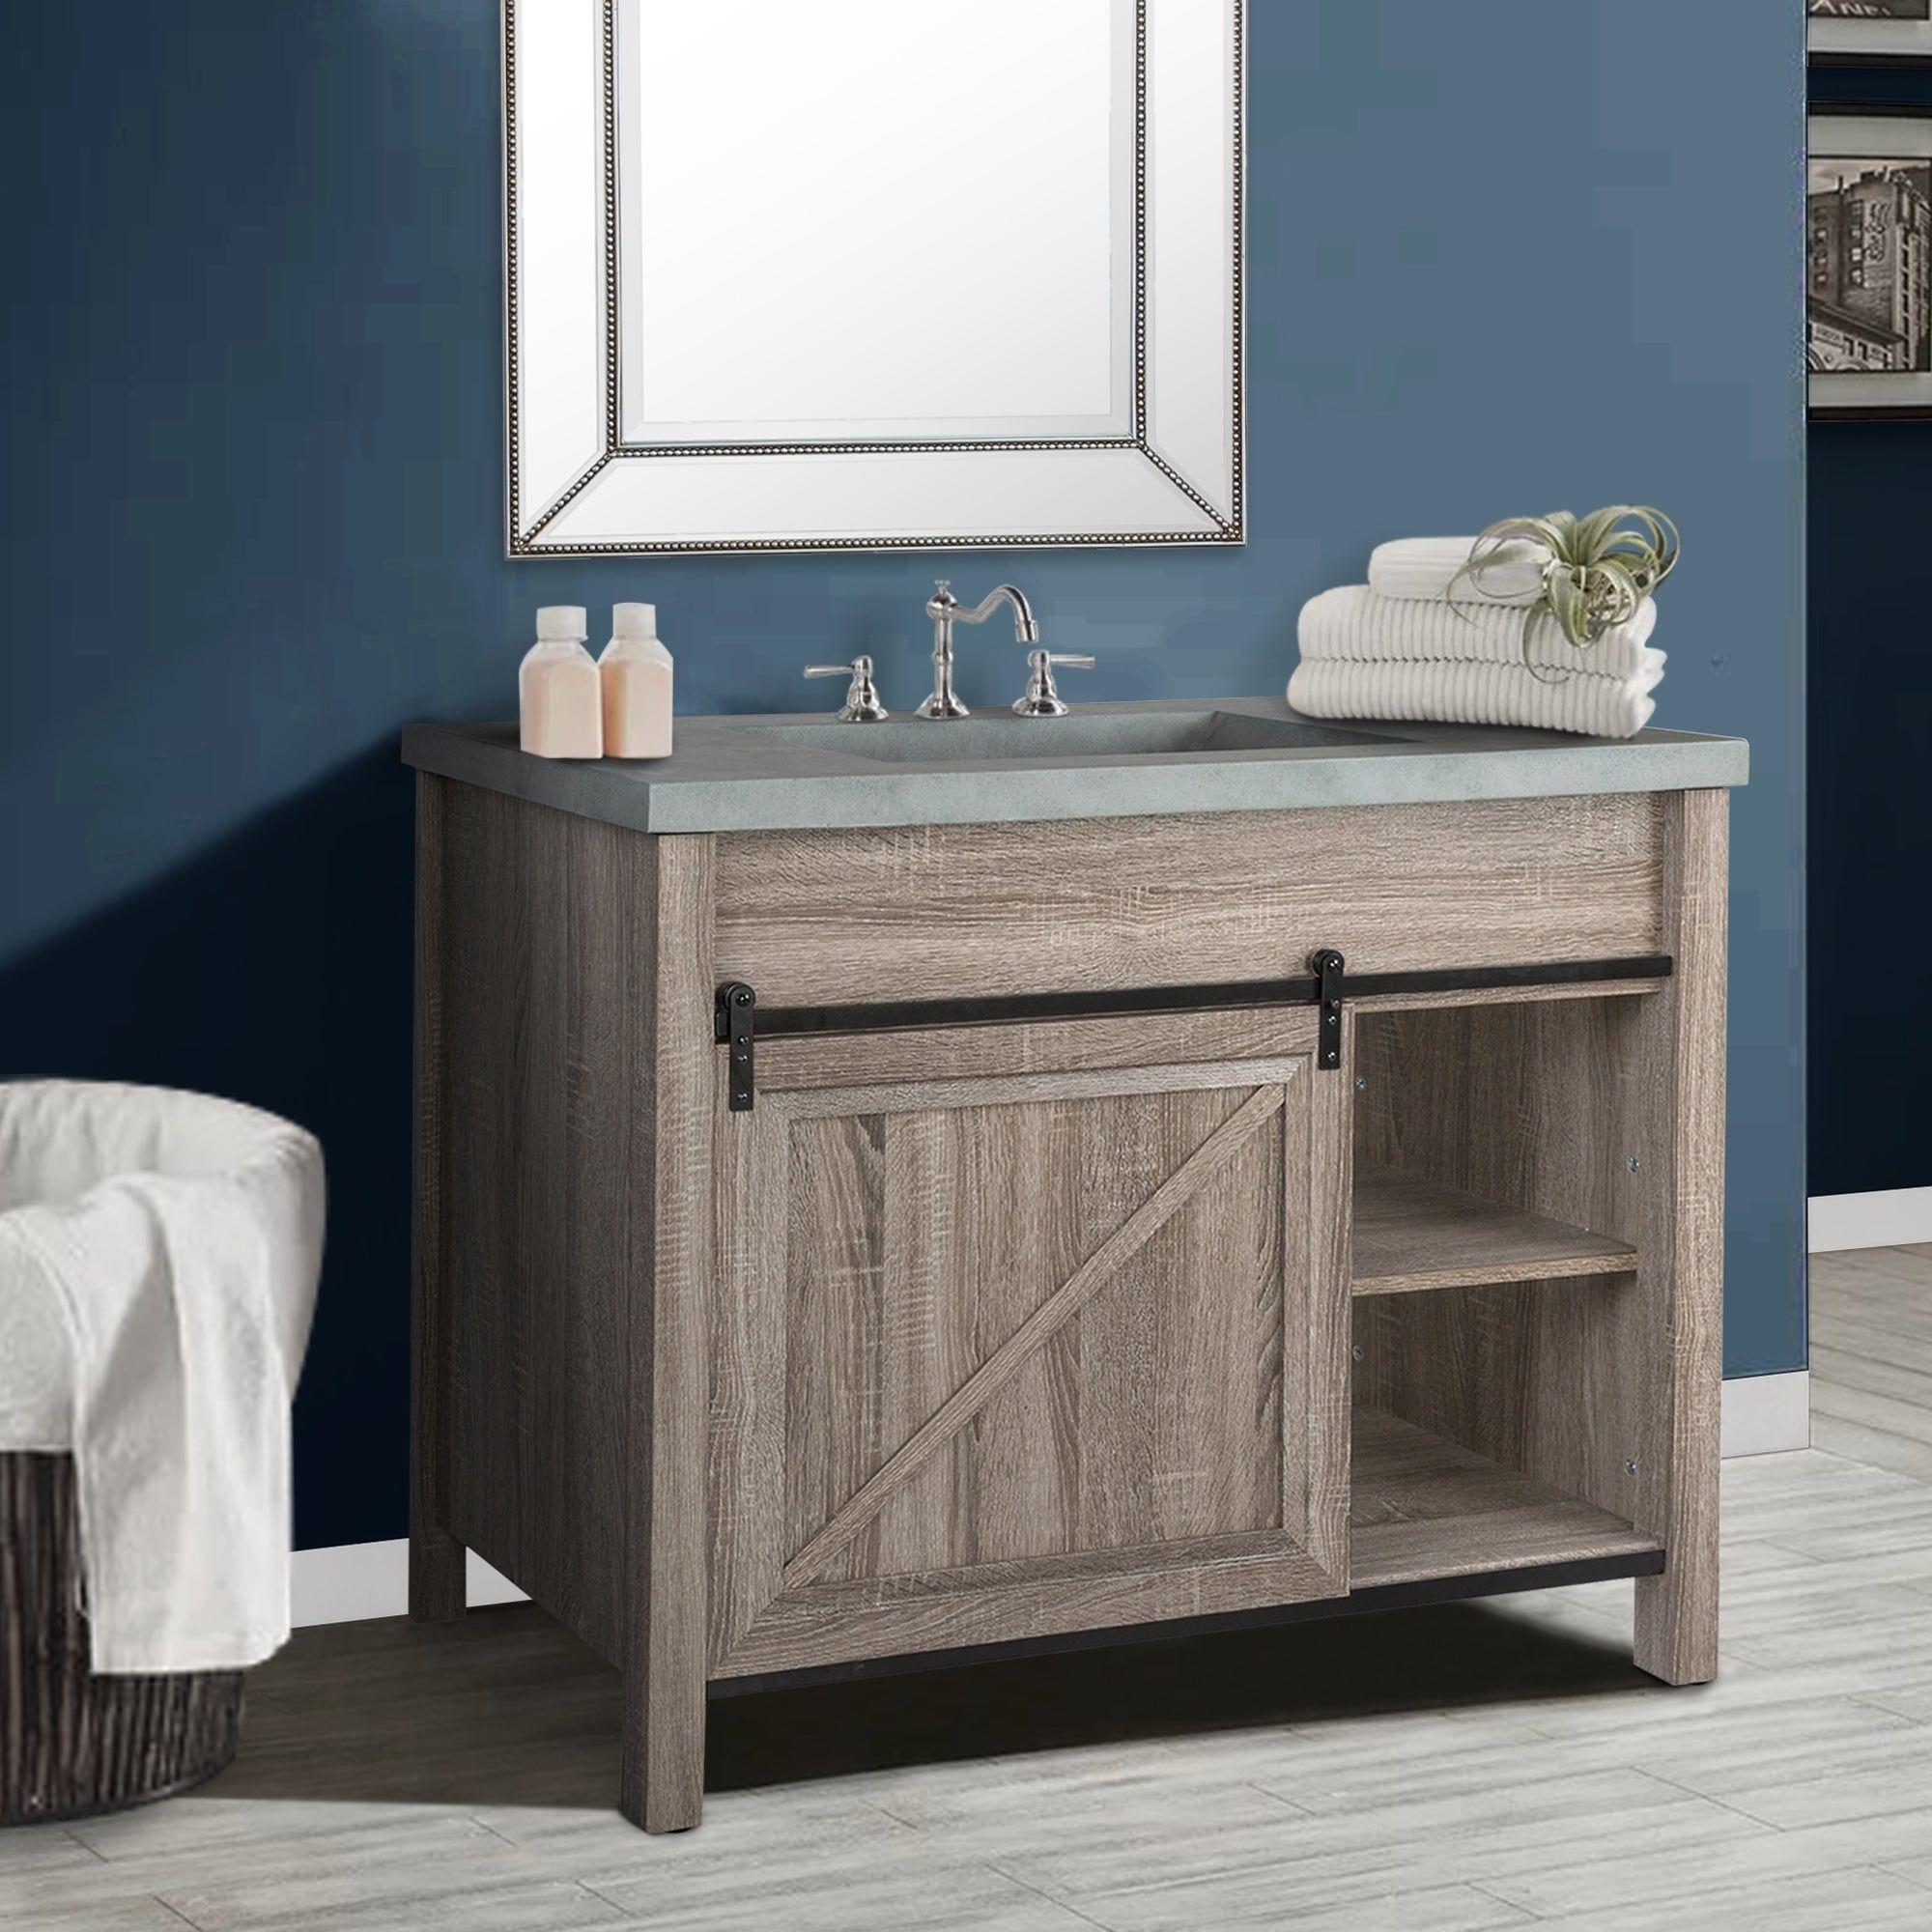 Overstock Com Online Shopping Bedding Furniture Electronics Jewelry Clothing More In 2021 Sliding Barn Door Bathroom Bathroom Redesign Vanity [ 2000 x 2000 Pixel ]